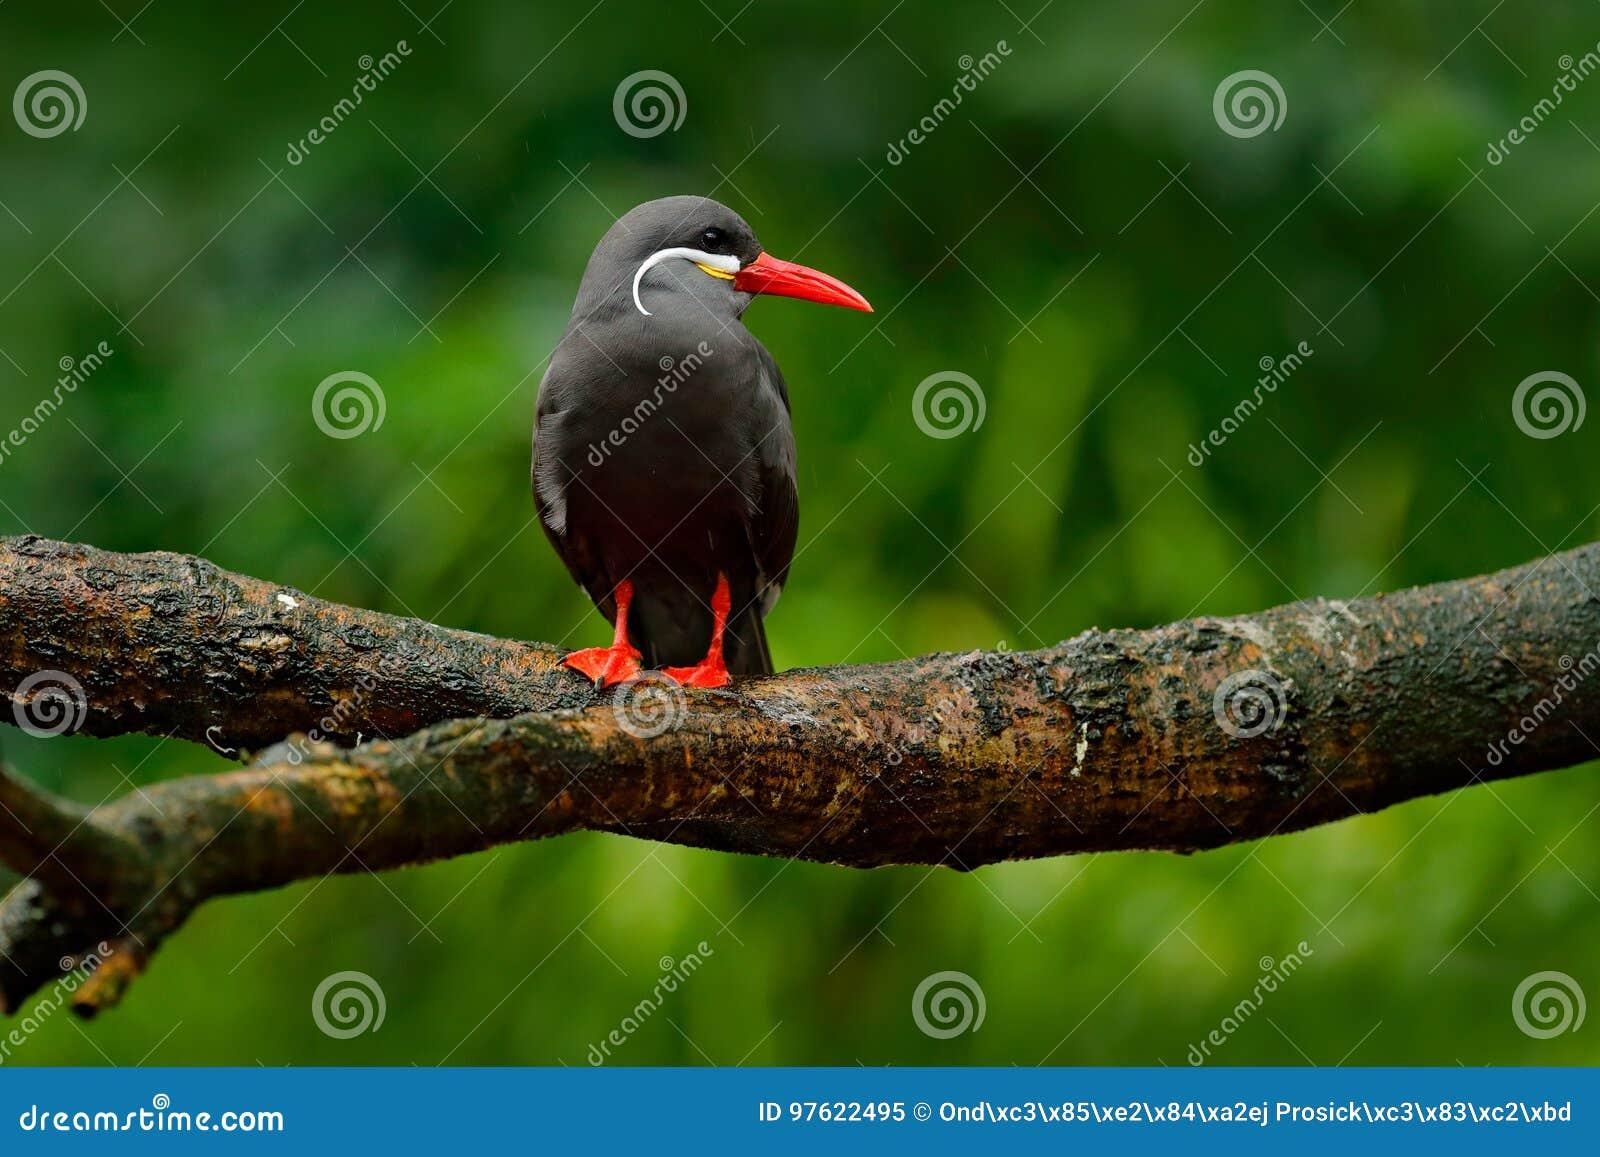 Svarta Inca Tern, röd räkning, Peru Inca Tern Larosterna inca, fågel på trädfilialen Tärna från peruansk kustfågel i naturen